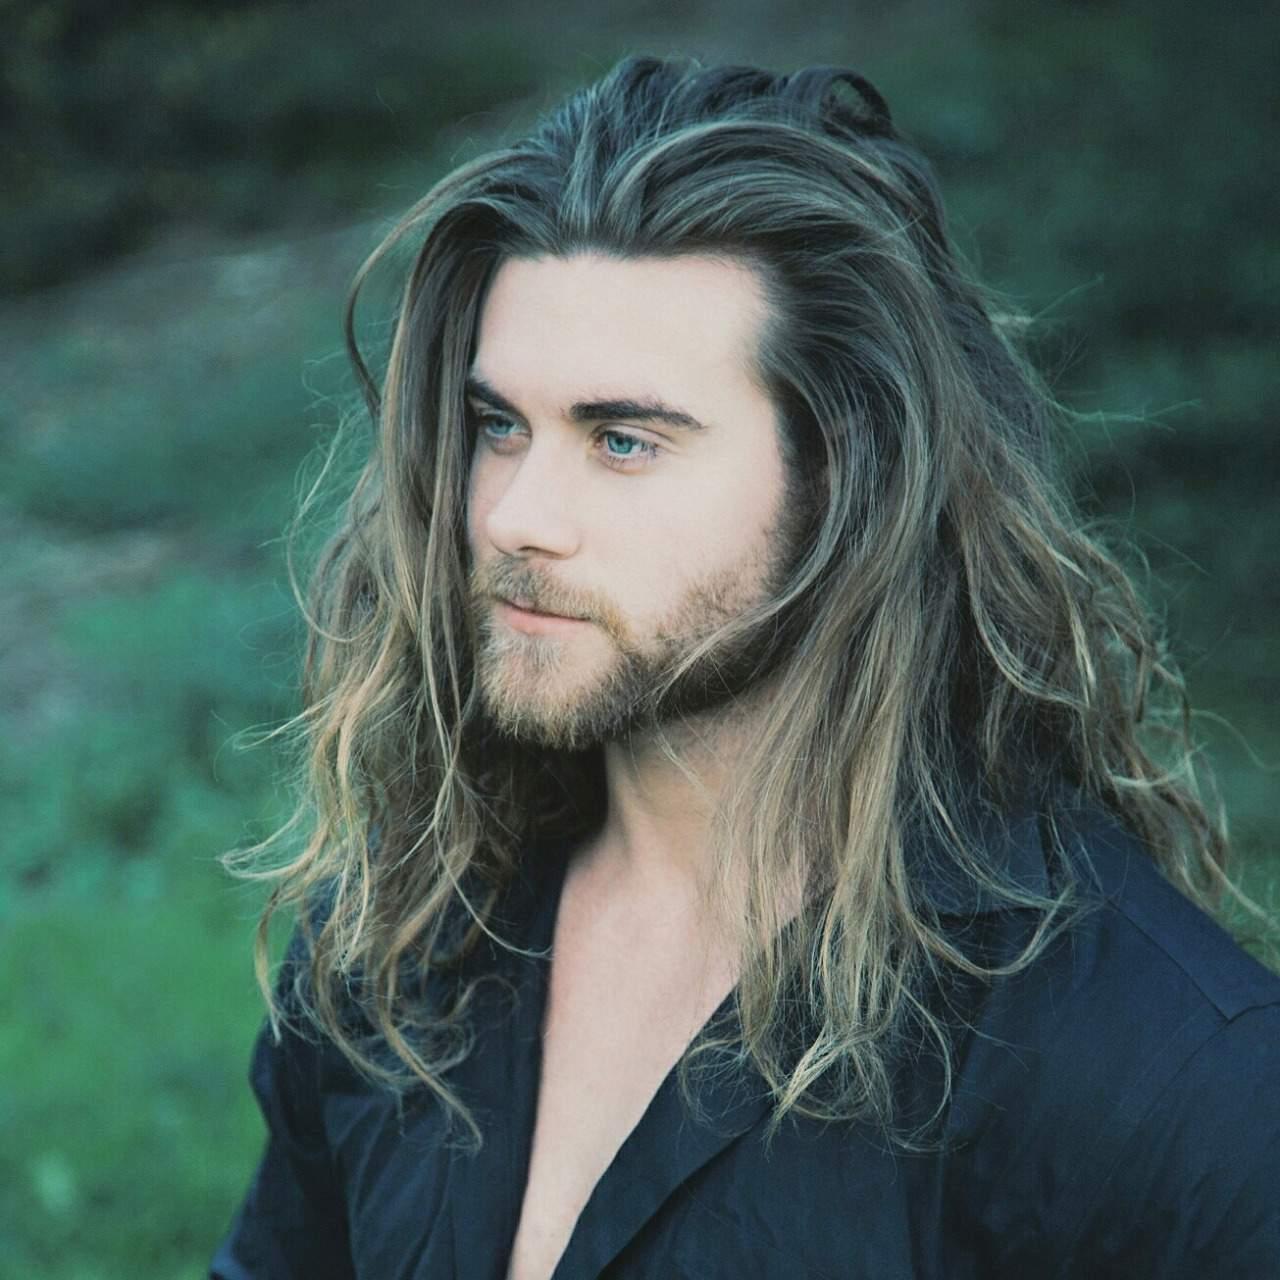 An die Damen. Wie findet ihr Männer mit langen Haaren